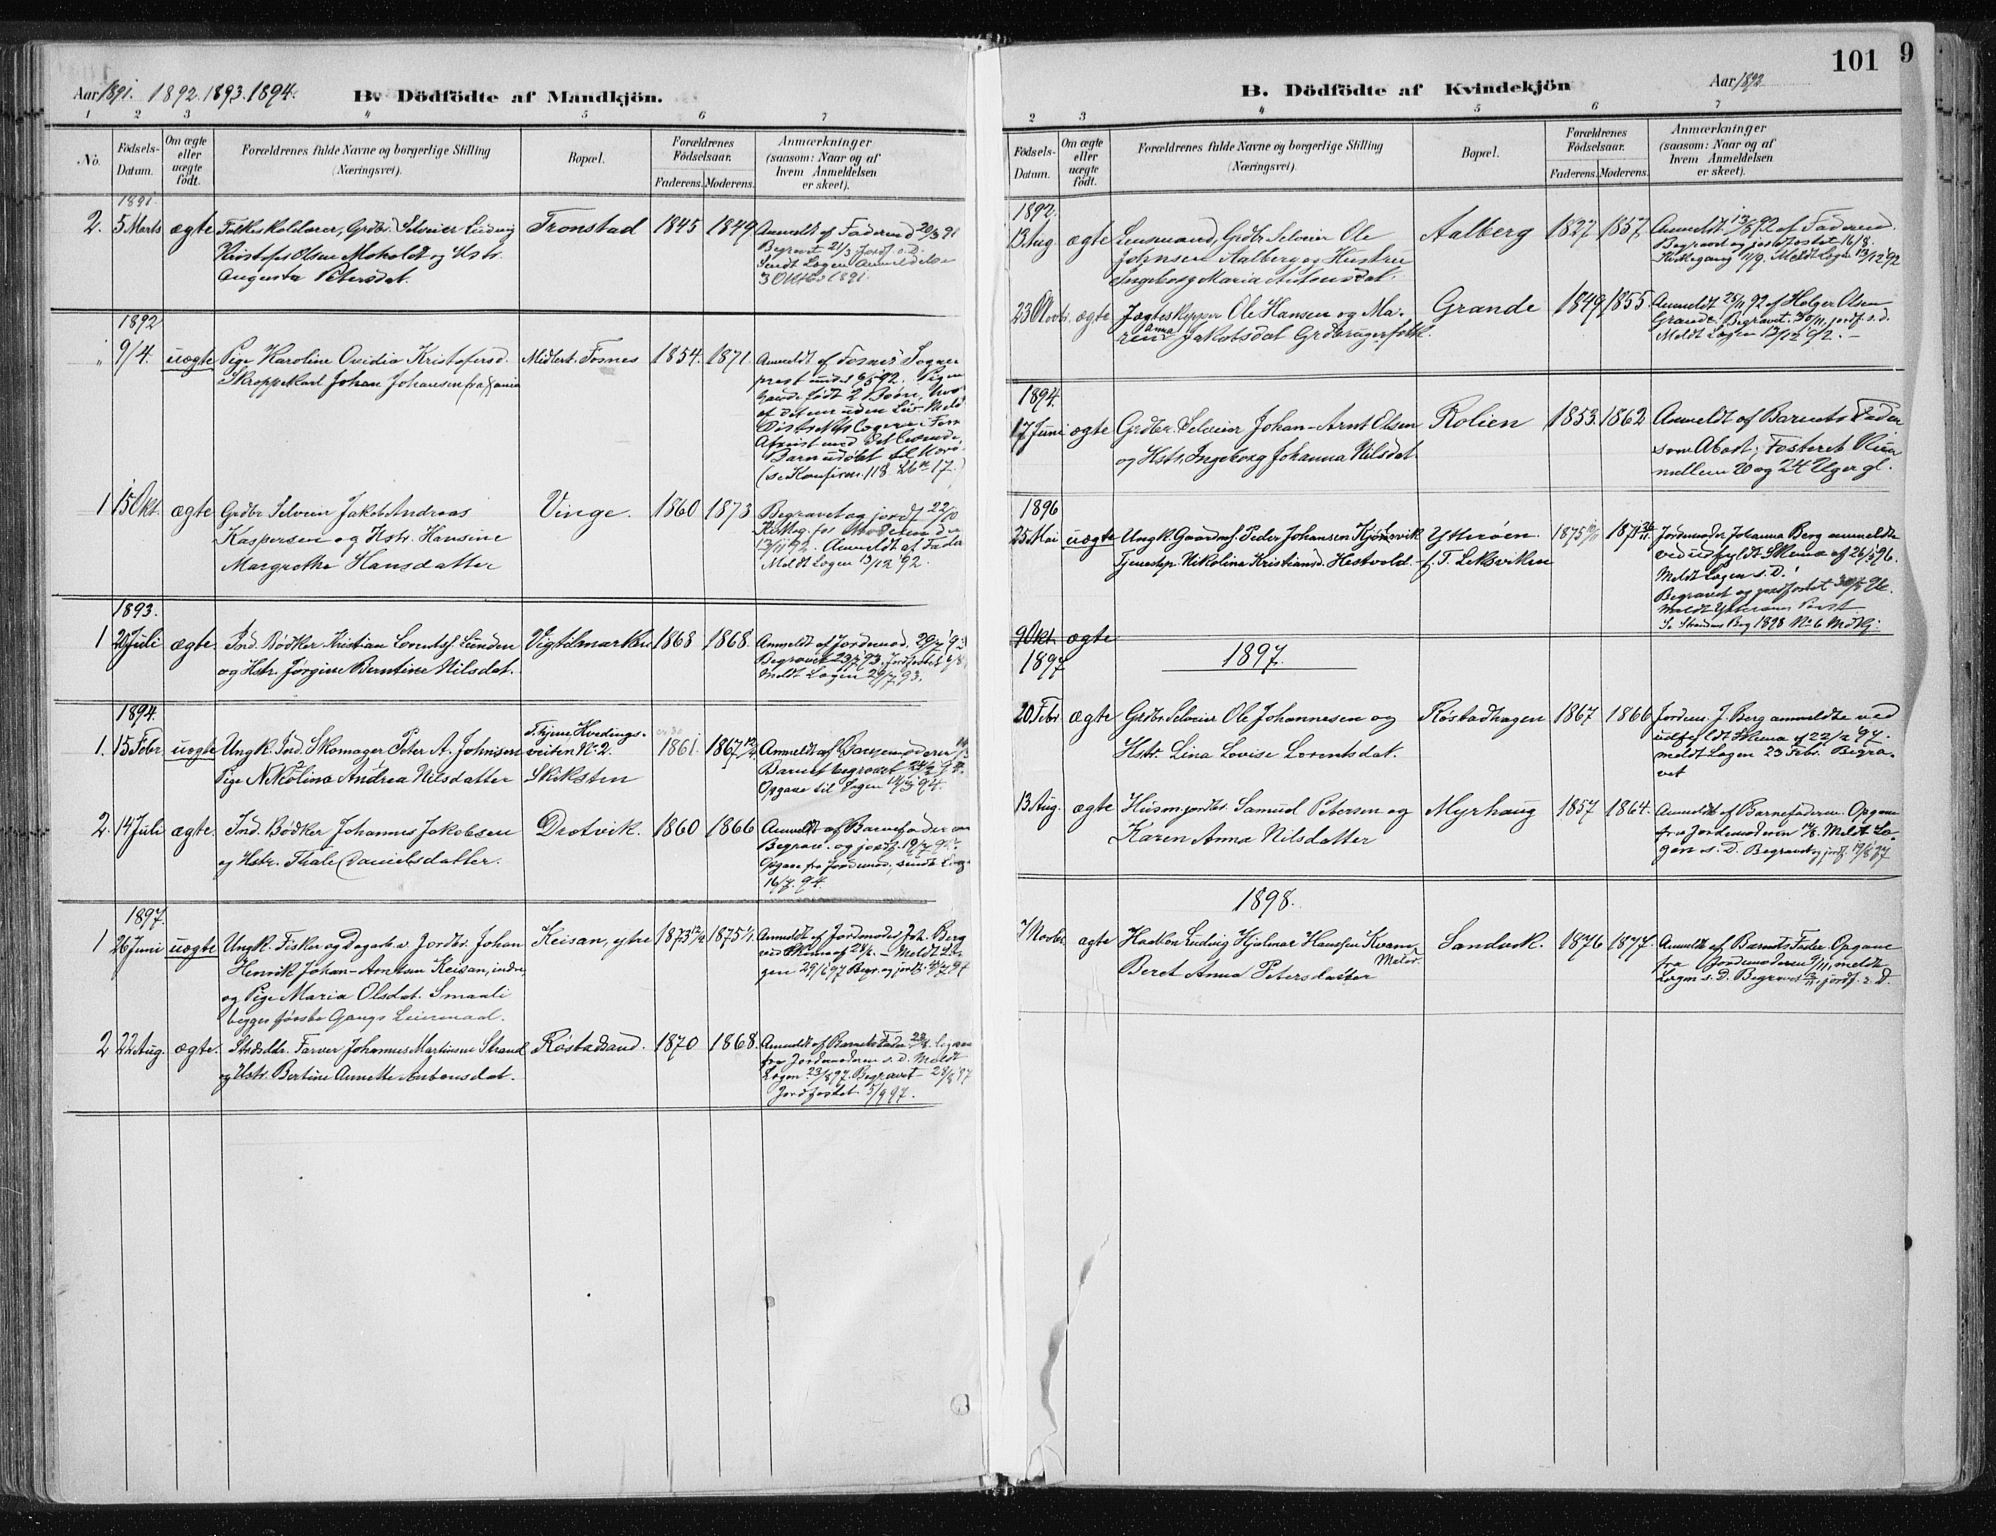 SAT, Ministerialprotokoller, klokkerbøker og fødselsregistre - Nord-Trøndelag, 701/L0010: Parish register (official) no. 701A10, 1883-1899, p. 101